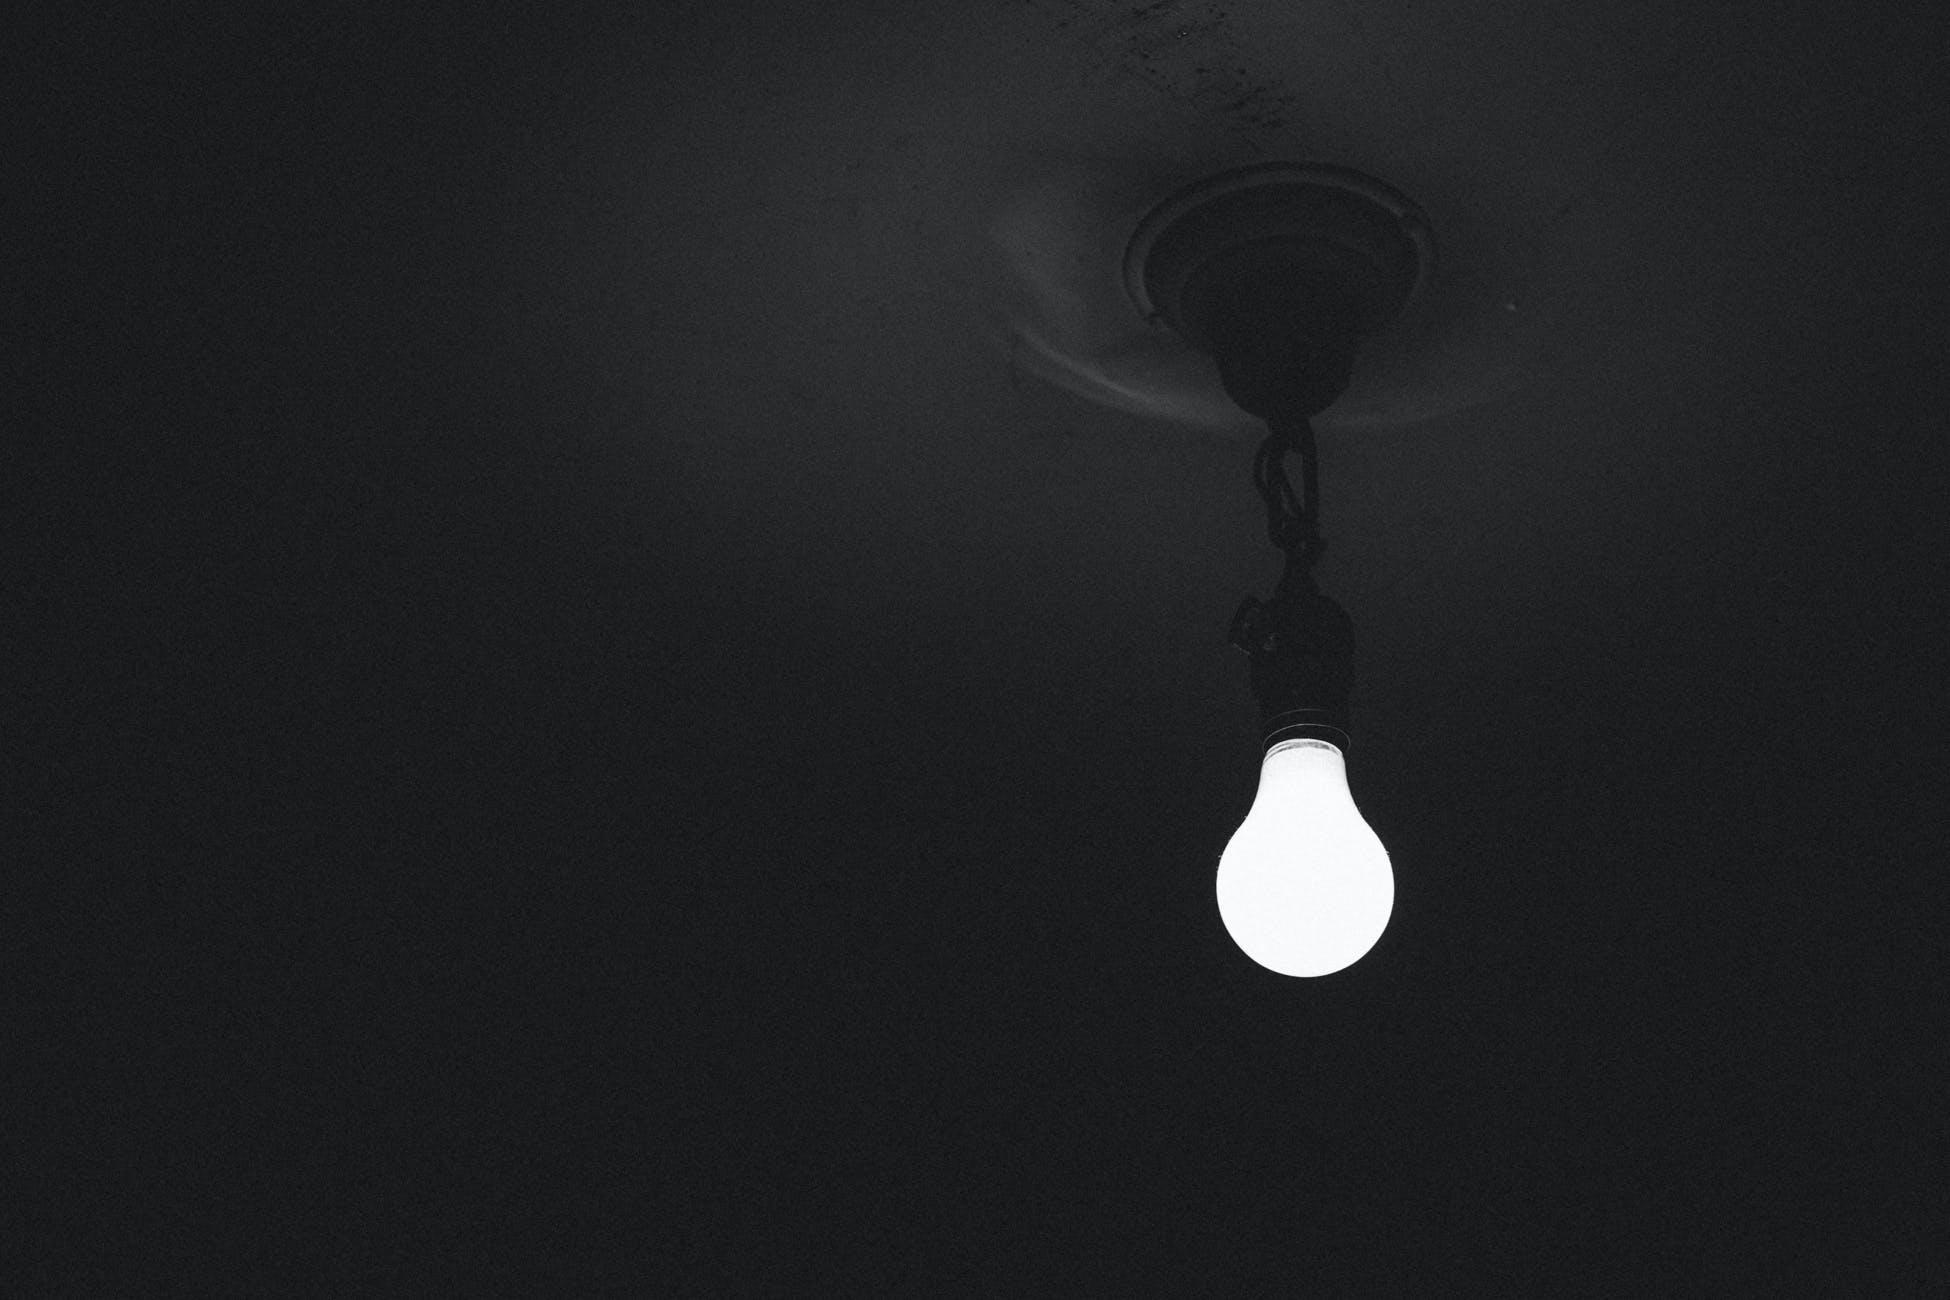 Free stock photo of light, dark, grain, vsco